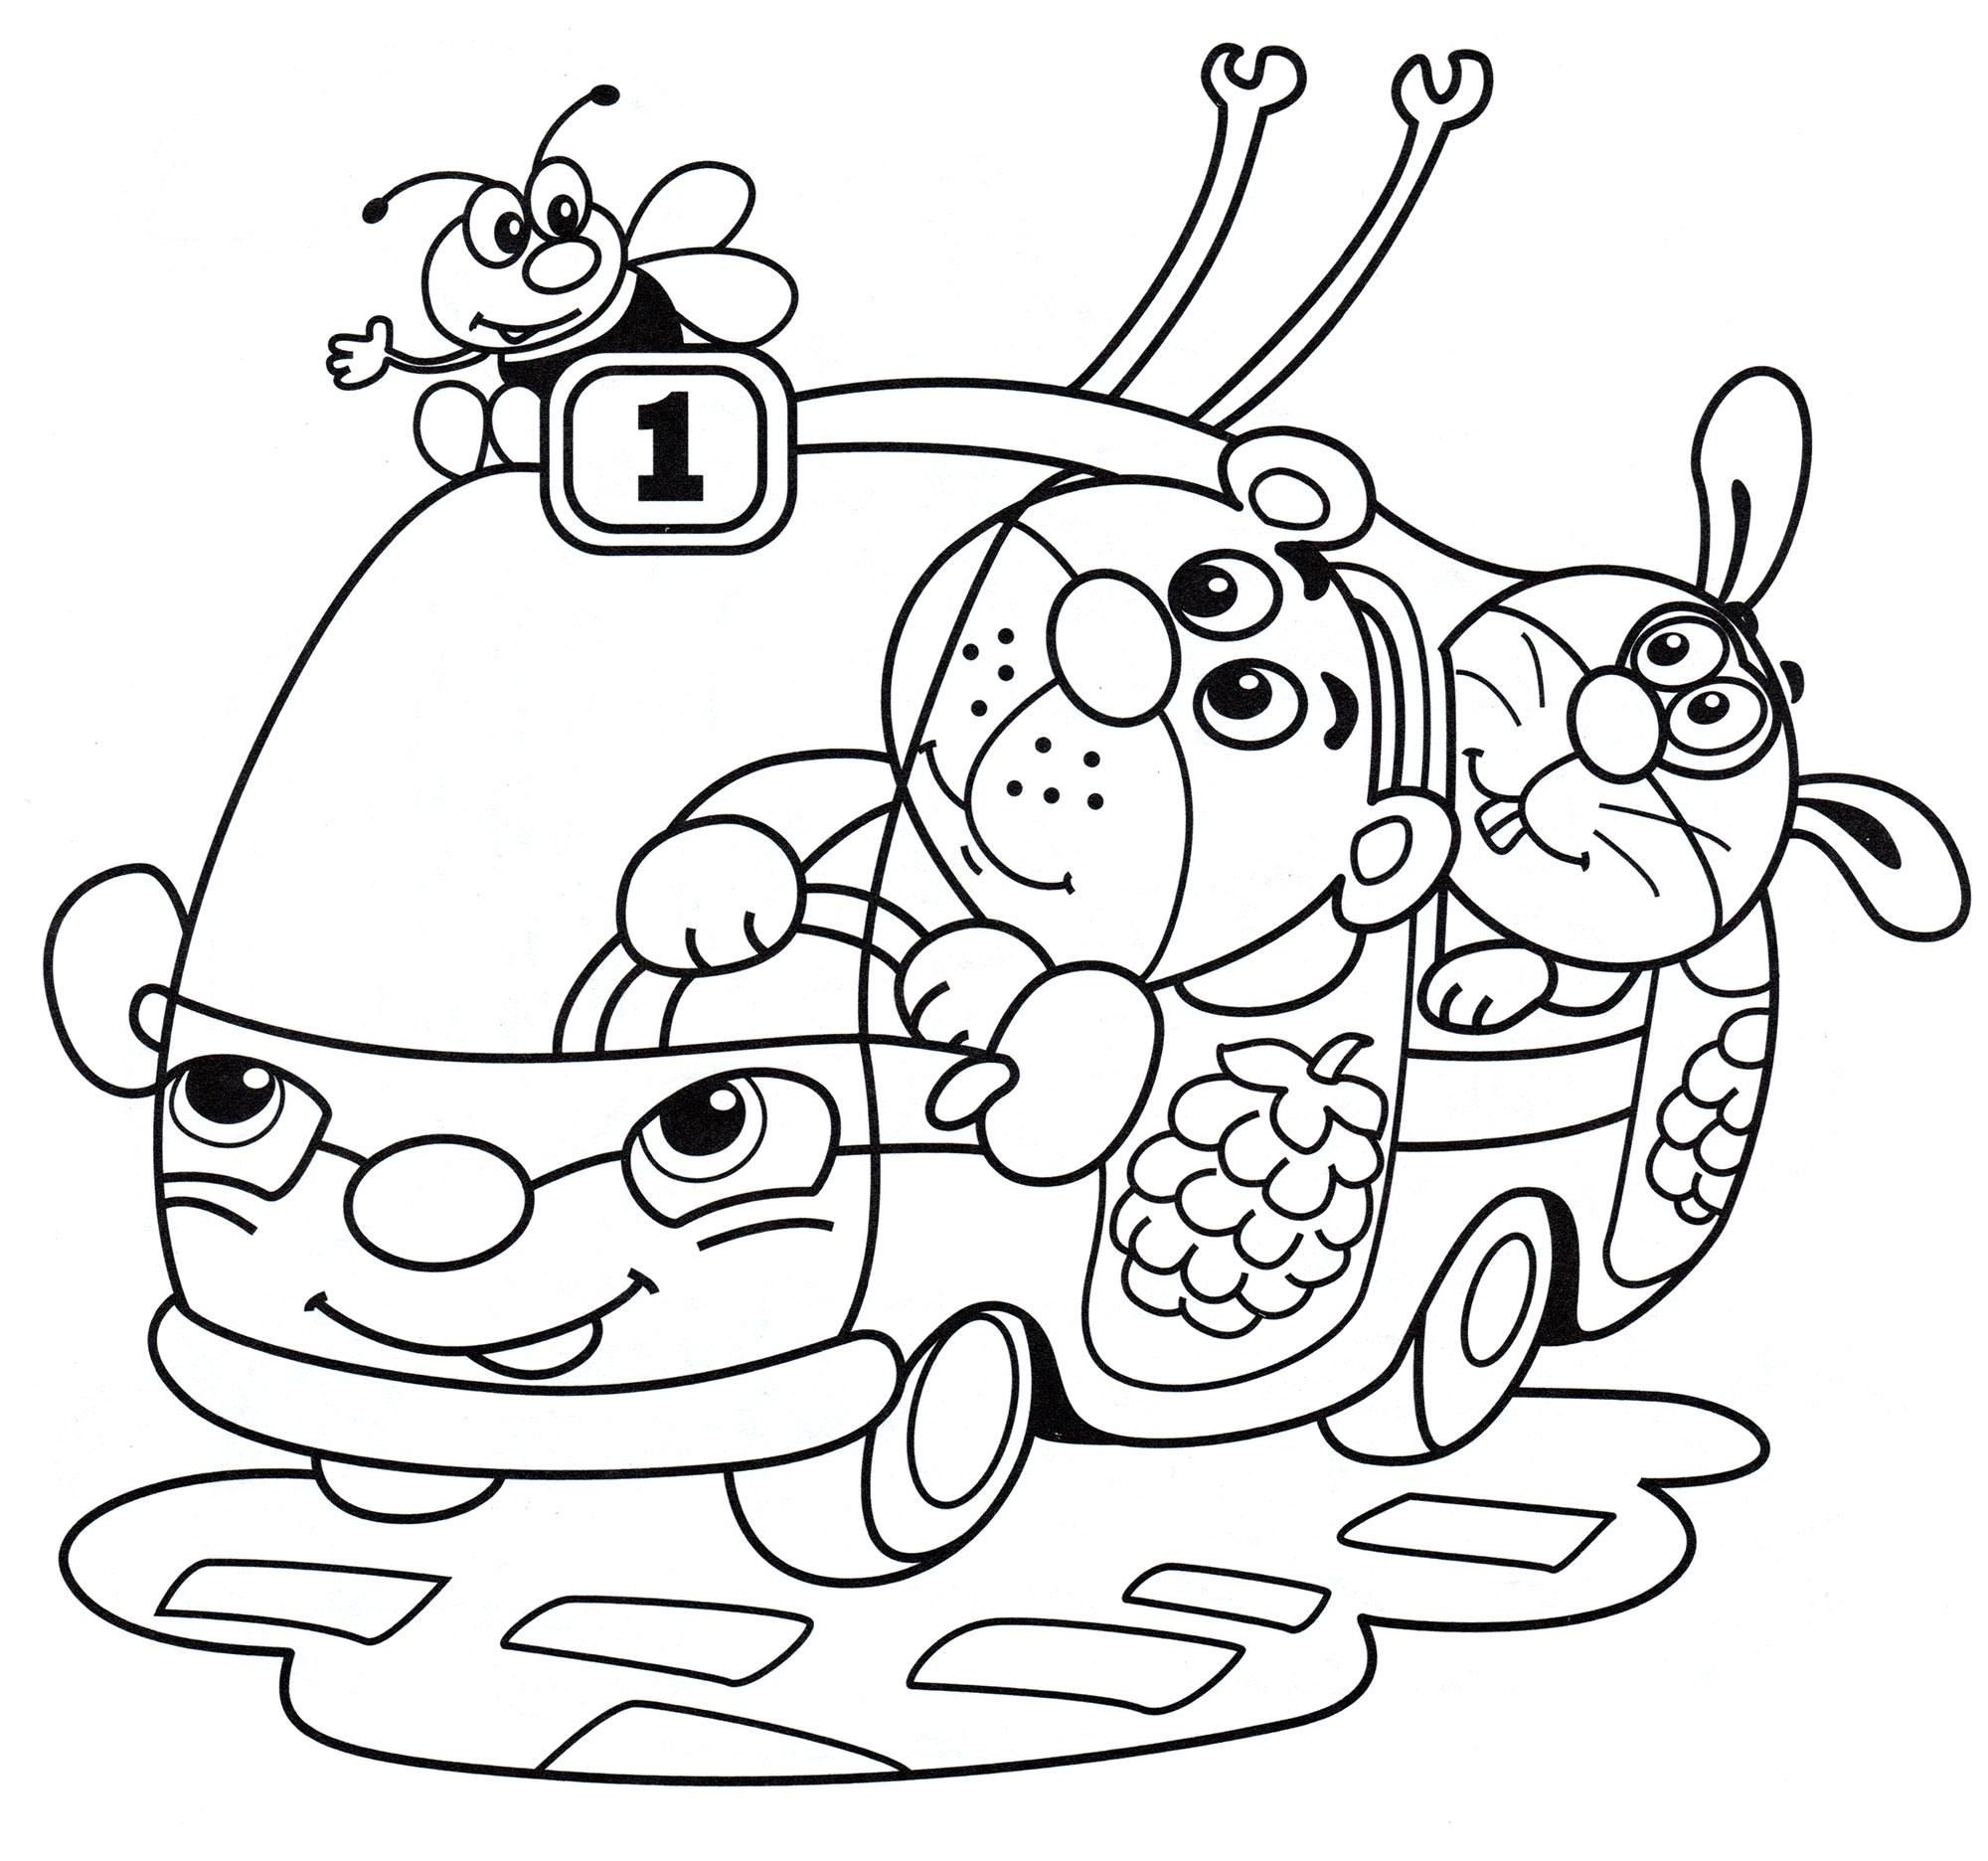 Раскраска Троллейбус с животными - распечатать бесплатно